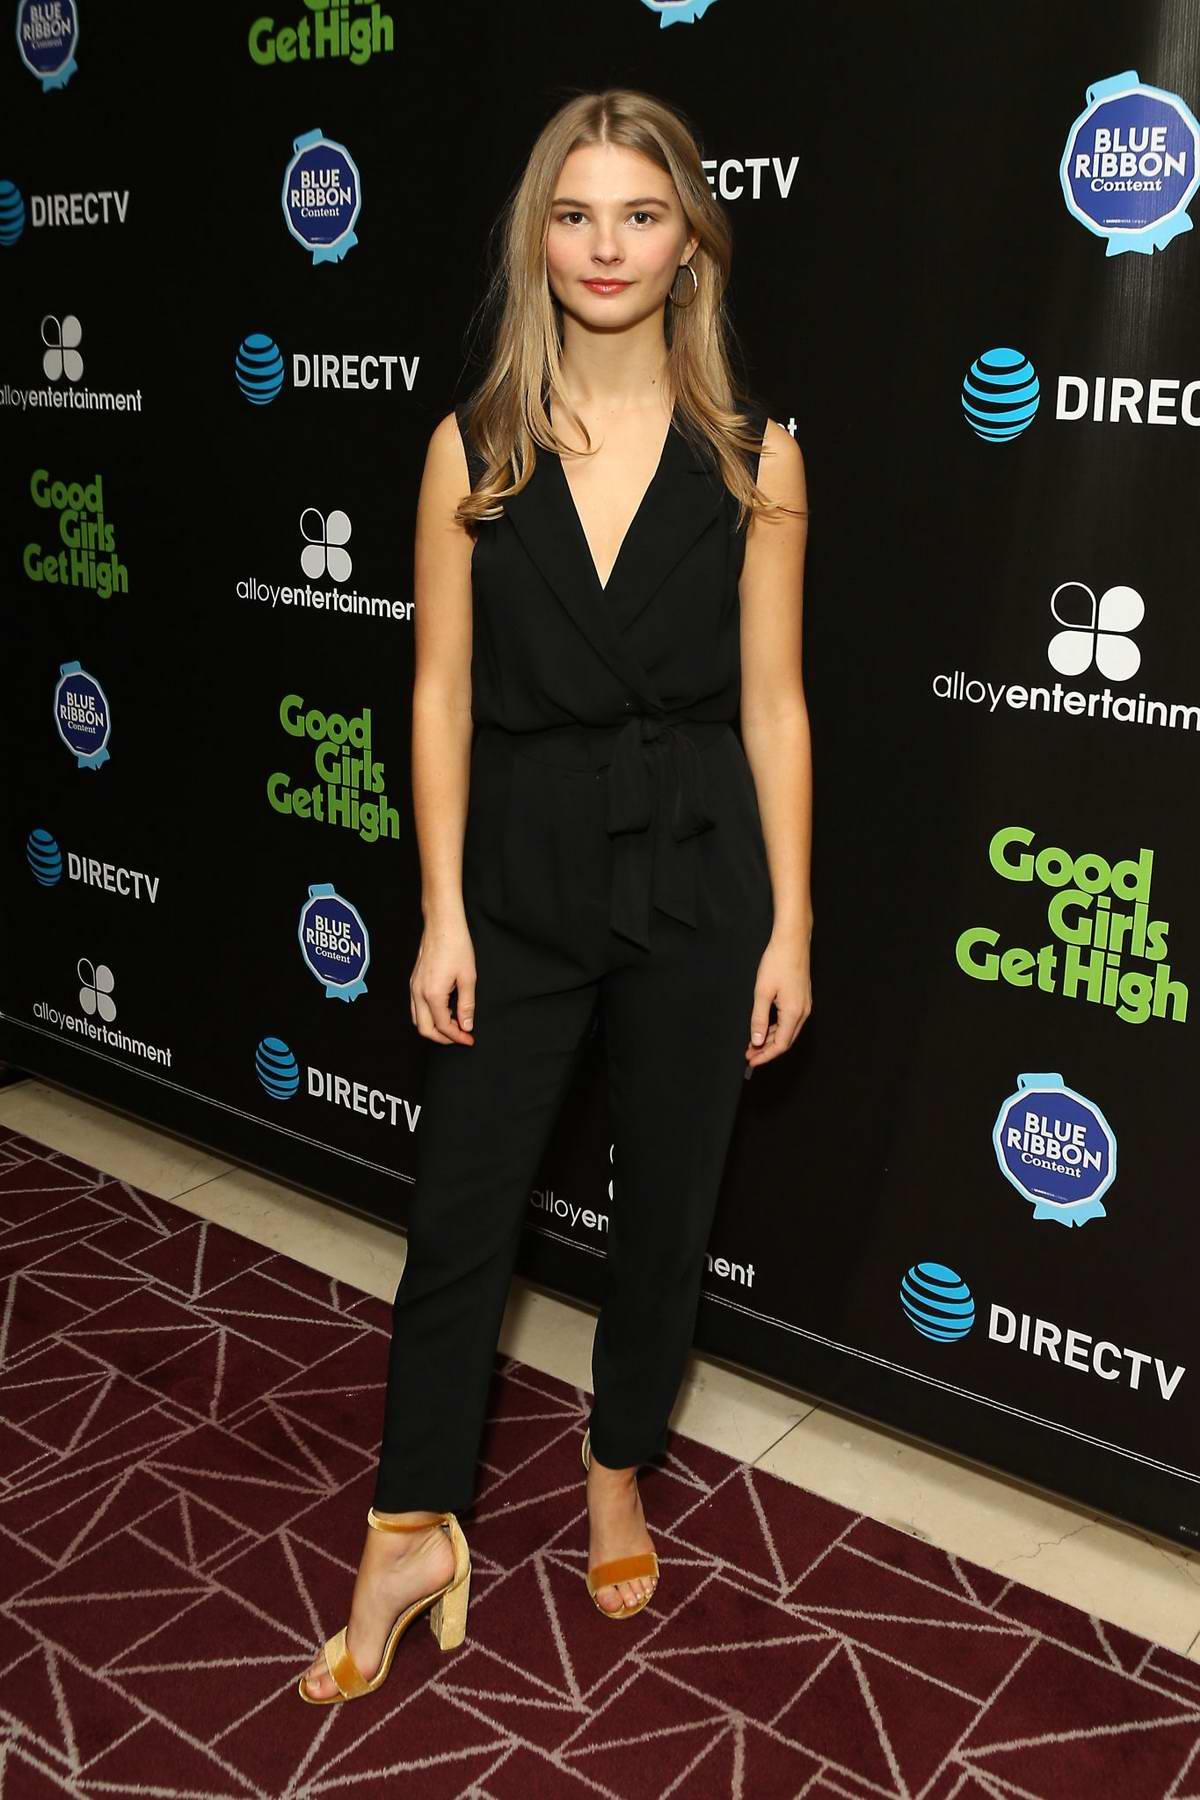 Stefanie Scott attends 'Good Girls Get High' photocall in ...